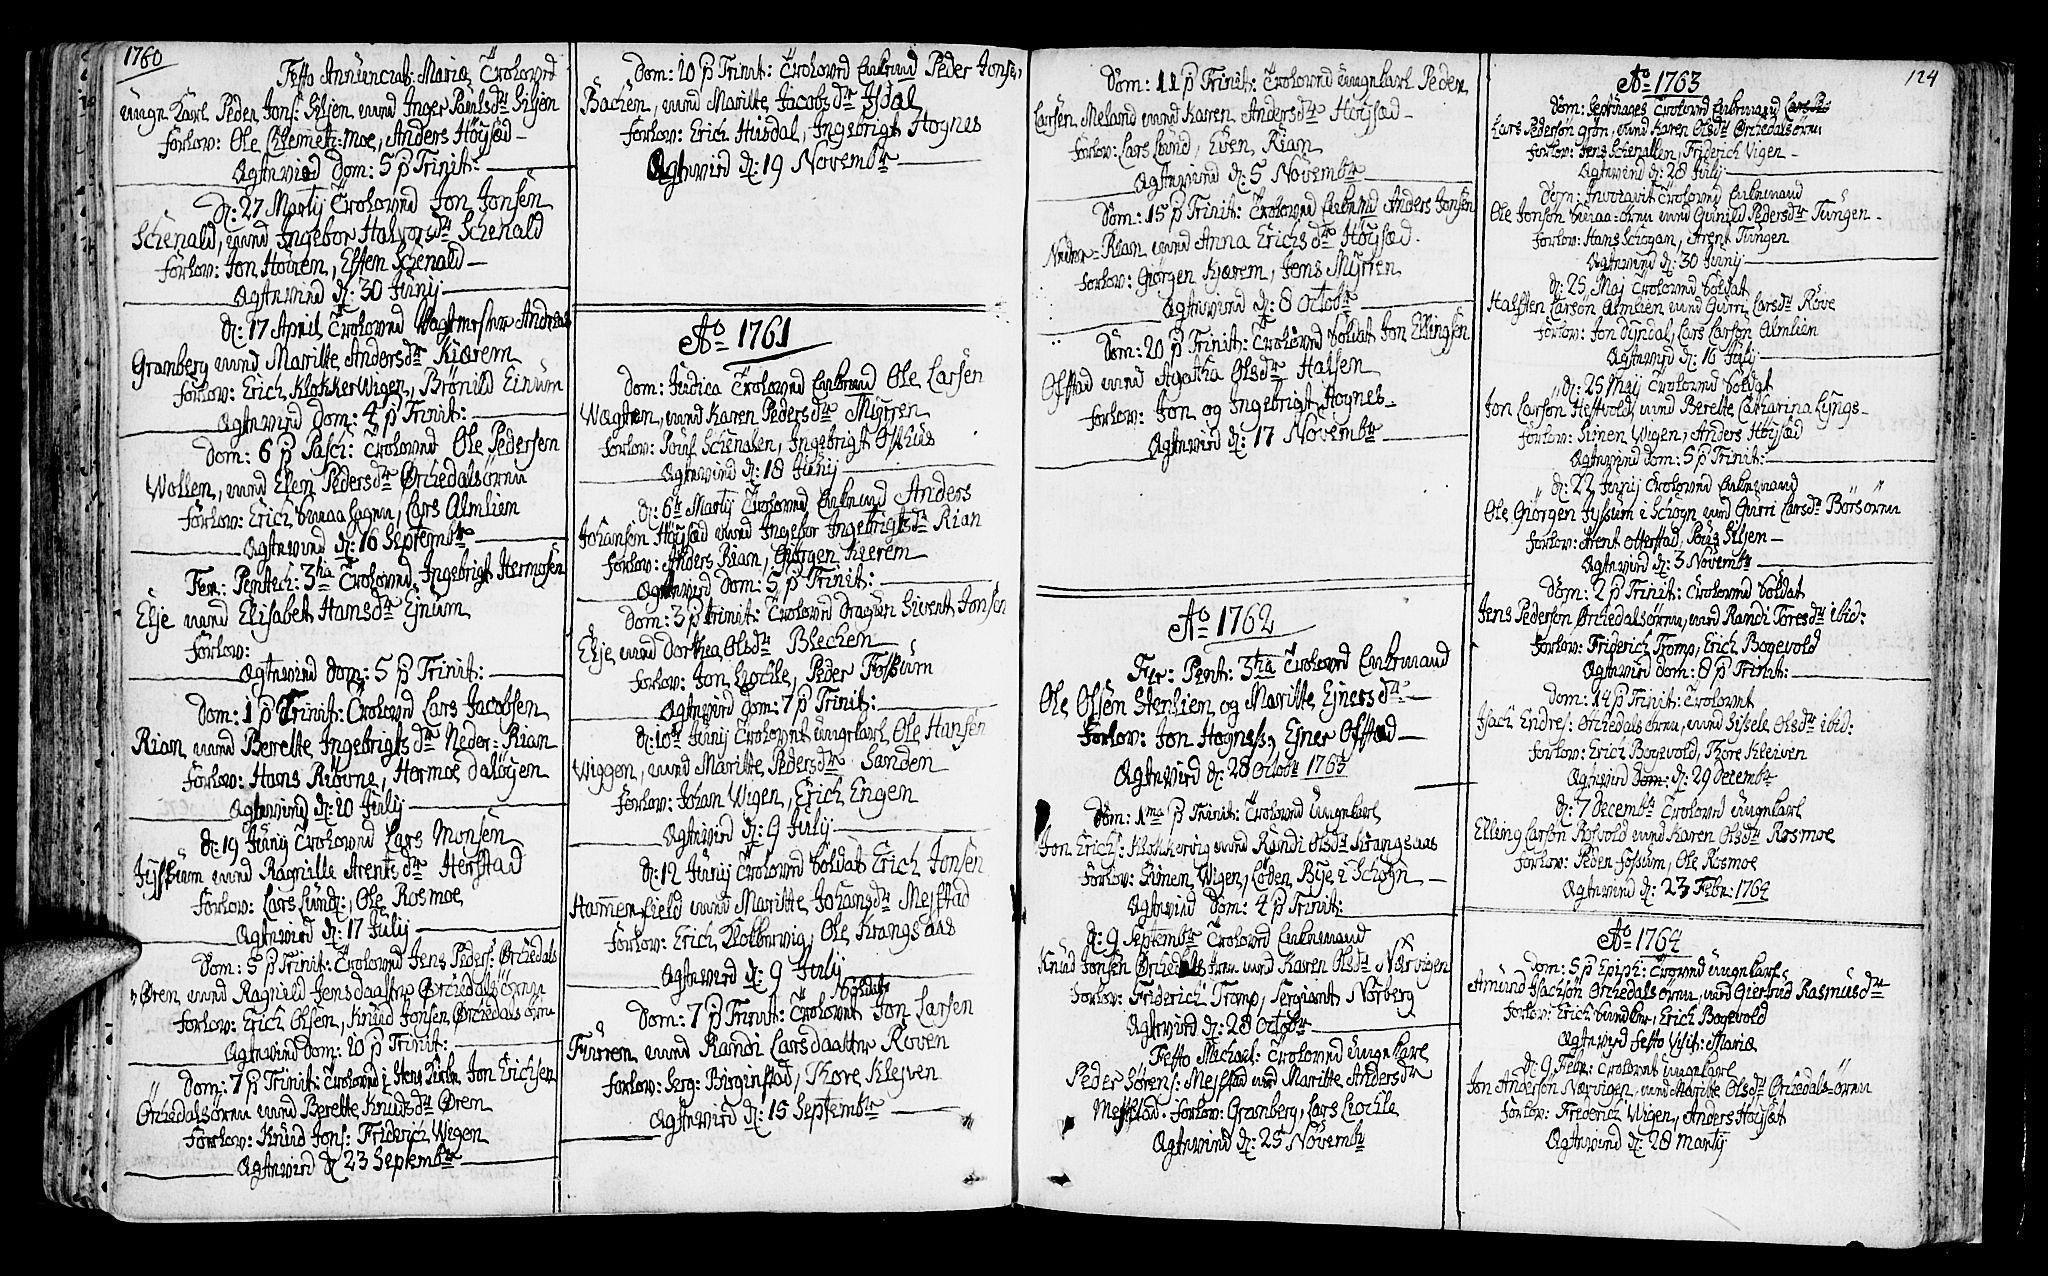 SAT, Ministerialprotokoller, klokkerbøker og fødselsregistre - Sør-Trøndelag, 665/L0768: Ministerialbok nr. 665A03, 1754-1803, s. 124